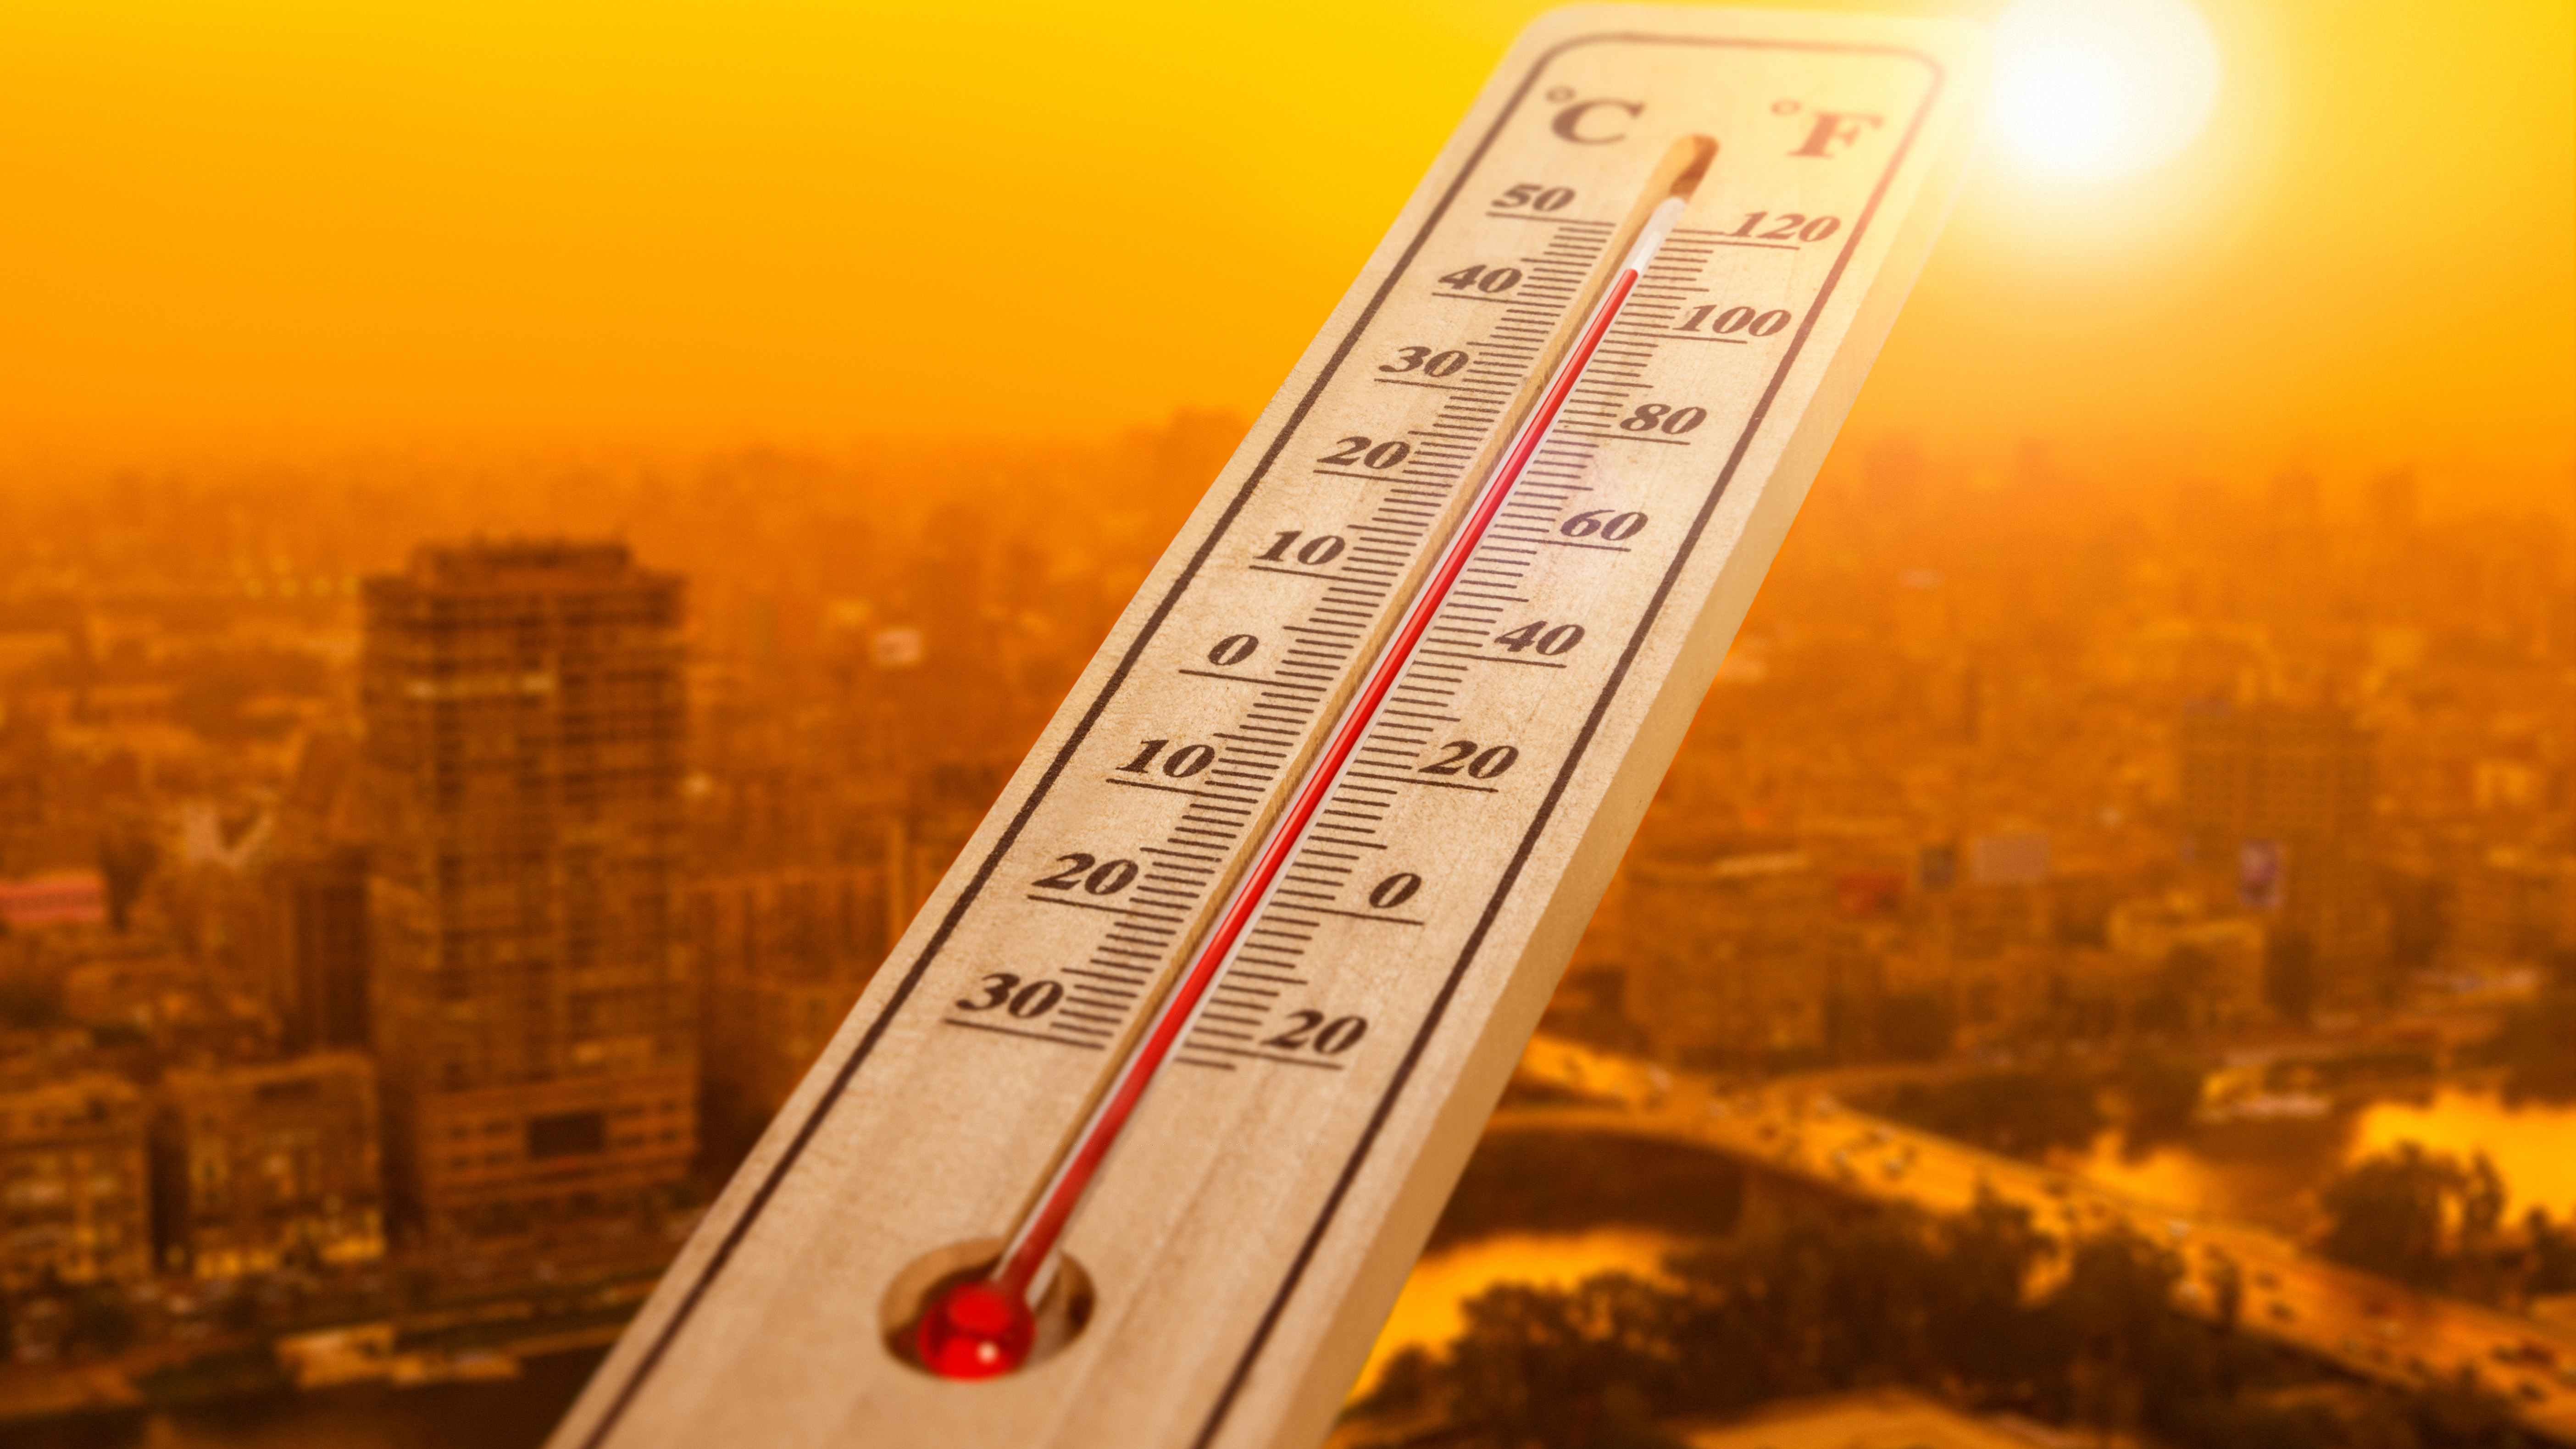 El principal consejo para protegernos de este calor excesivo es la hidratación, ya sea con agua o alimentos que nos la proporcionen.